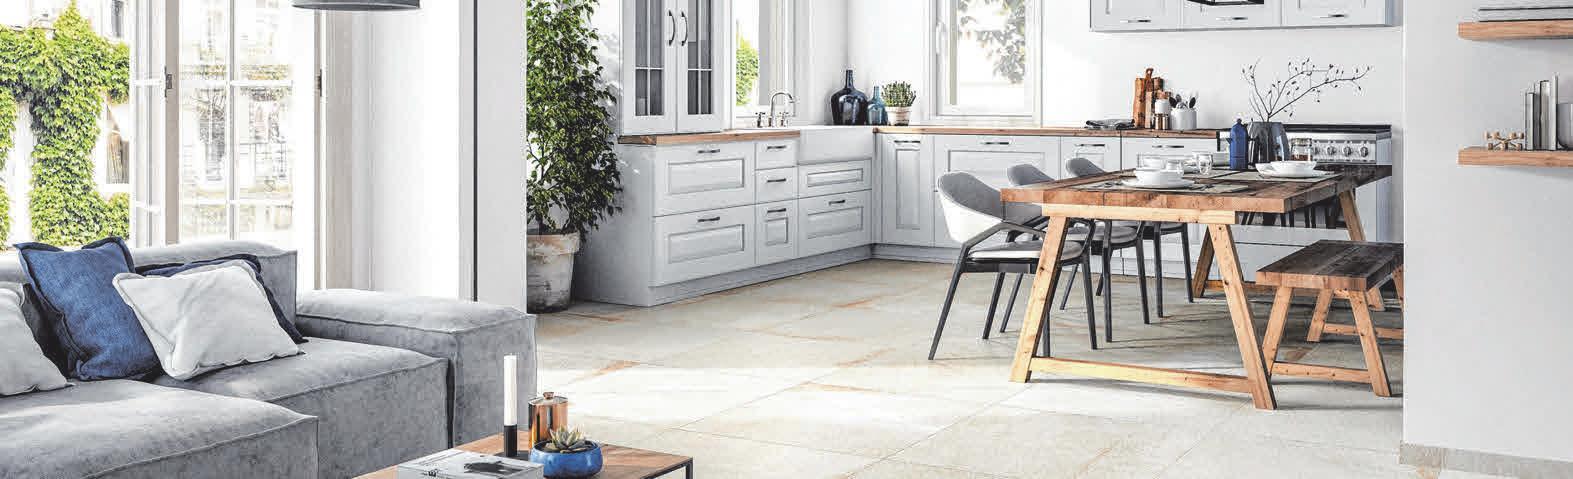 Fliesen in zeitlos hochwertiger Natursteinoptik passen hervorragend zu modernen Landhausküchen und bieten den bewährten Nutzungskomfort des Feinsteinzeugs. FOTO: DJD/DEUTSCHE-FLIESE.DE/VILLEROY&BOCH